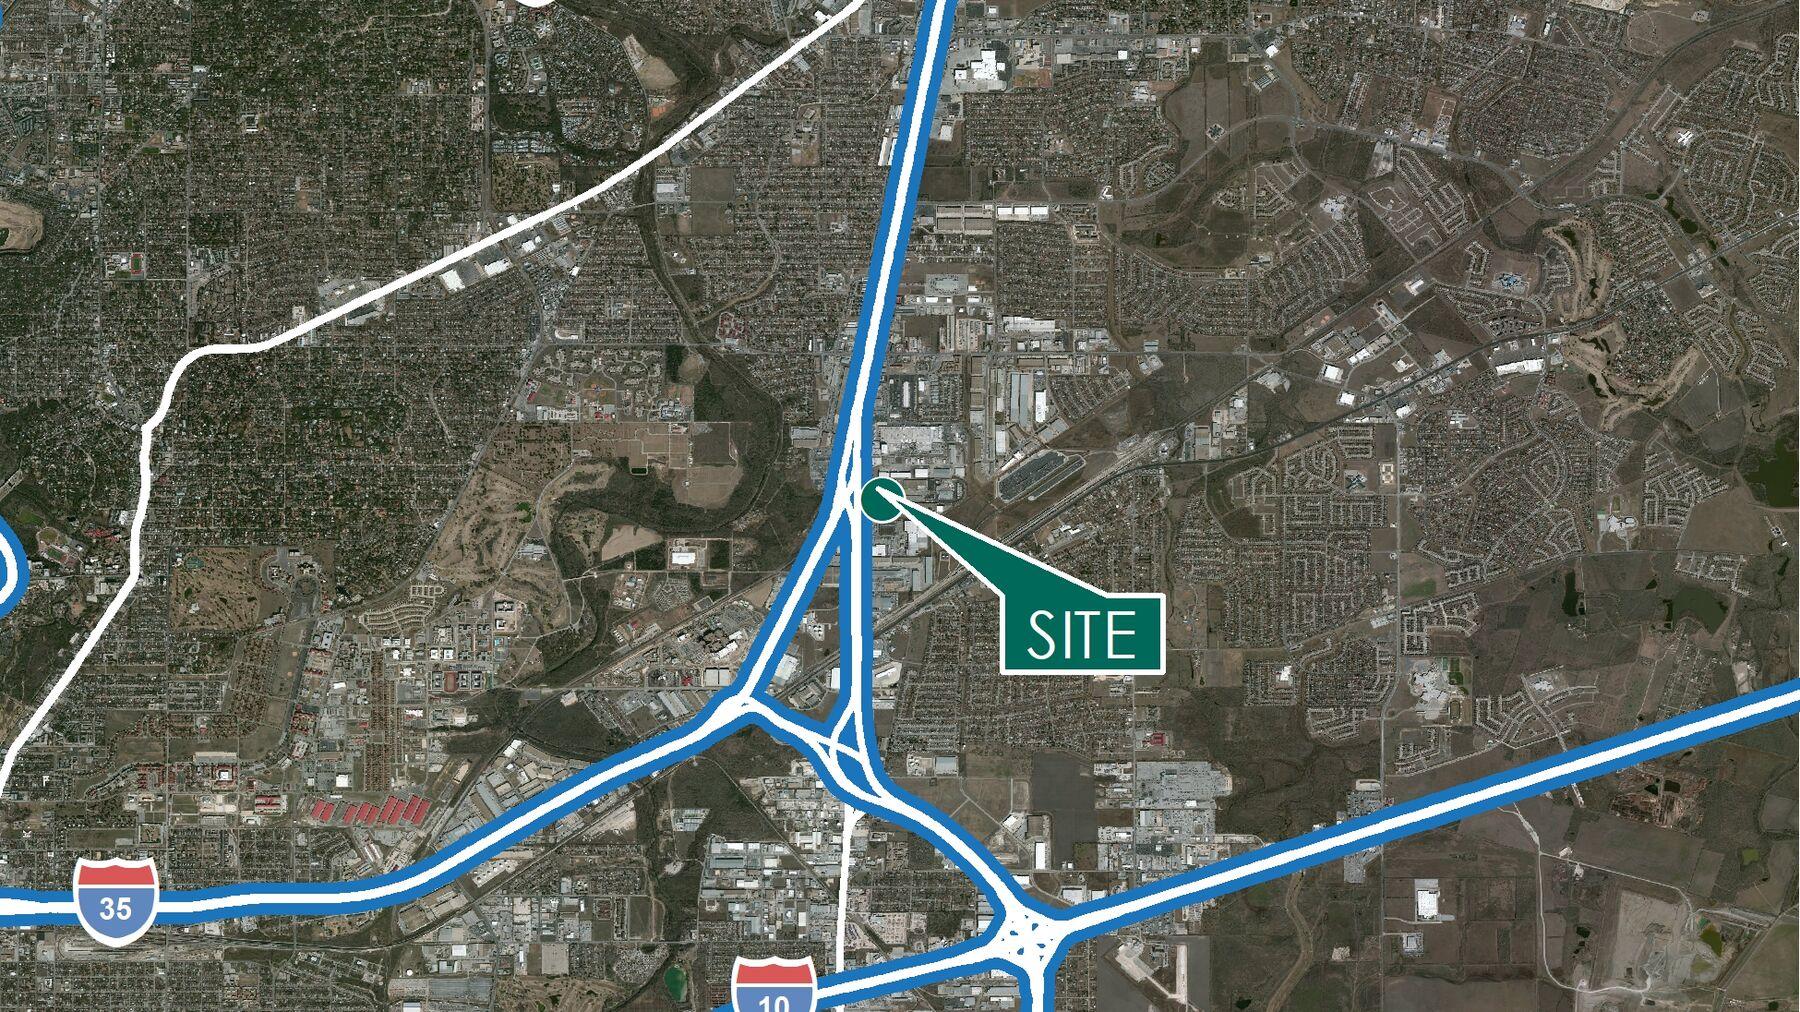 DPM-Industry-Park-2-Flyer-Aerial.jpg